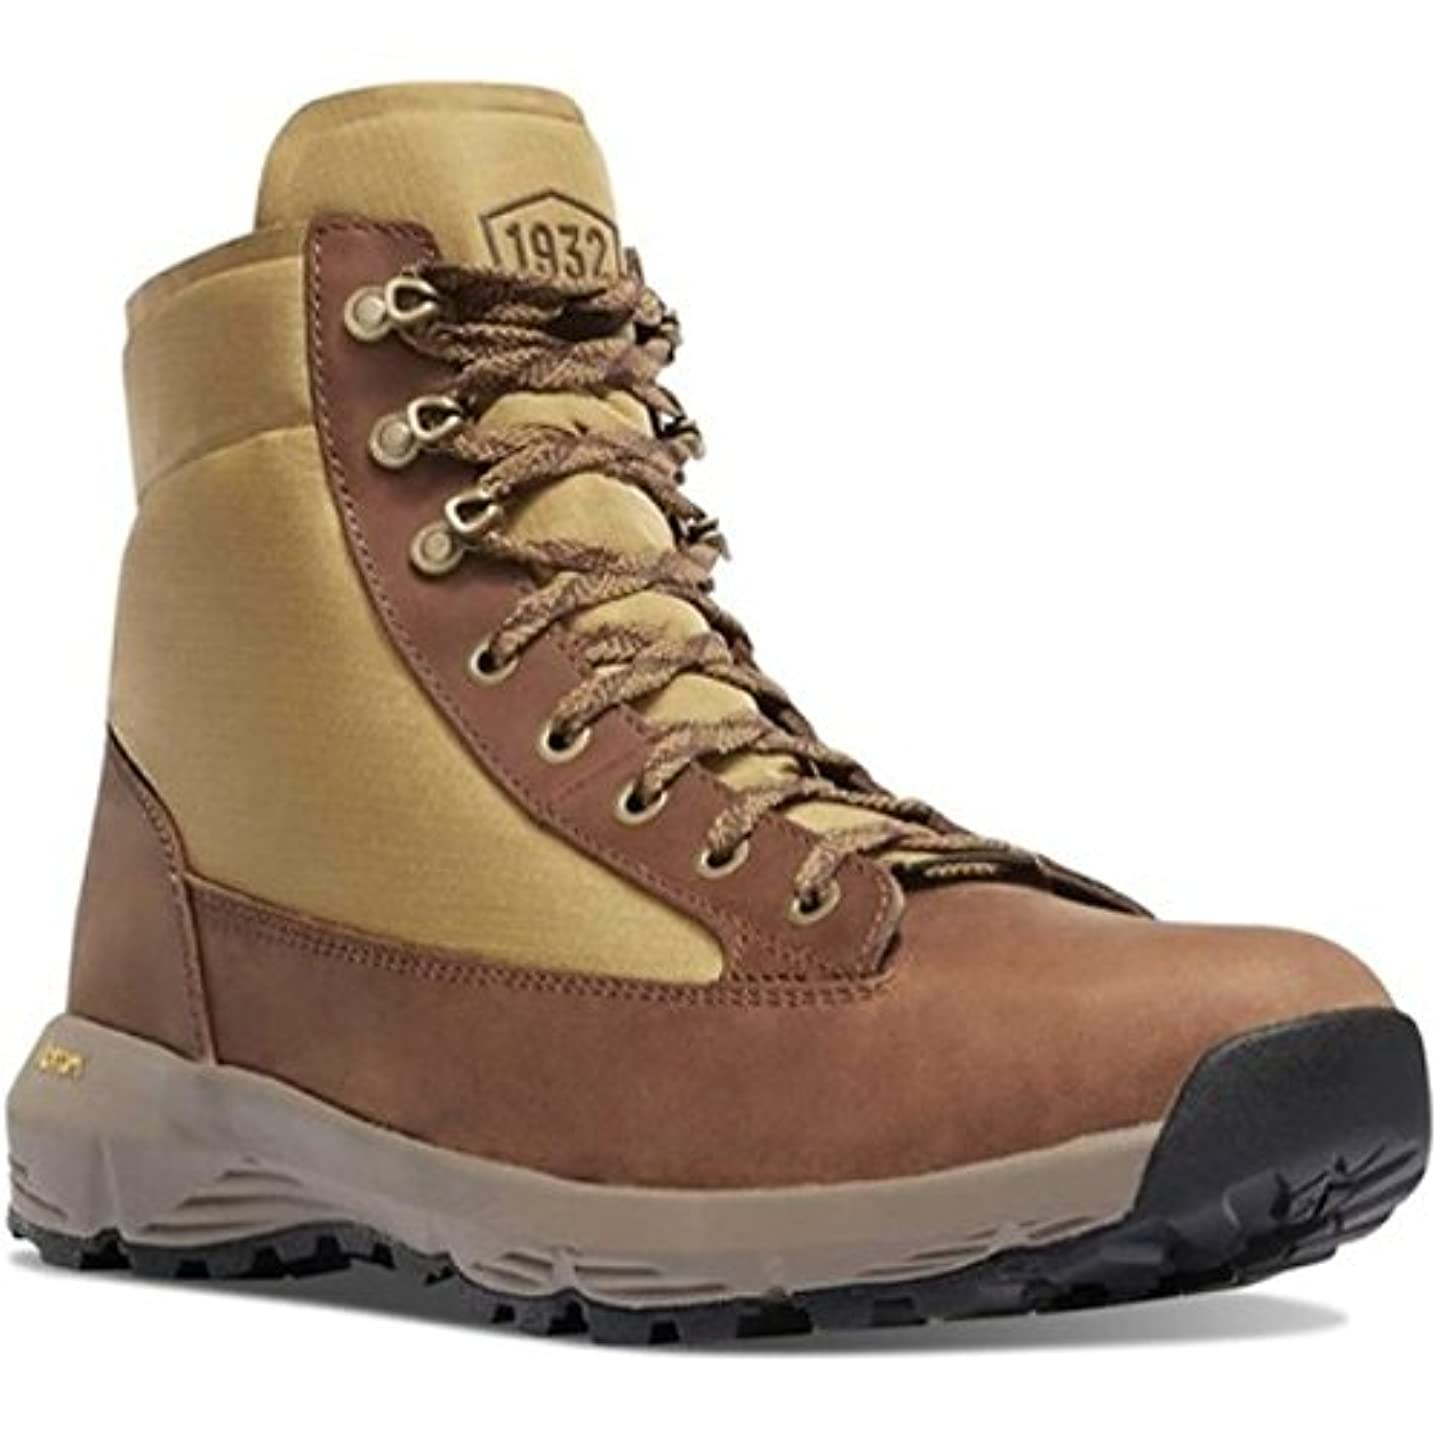 配管苦行豪華な(ダナー) Danner レディース シューズ?靴 ブーツ Explorer 650 6